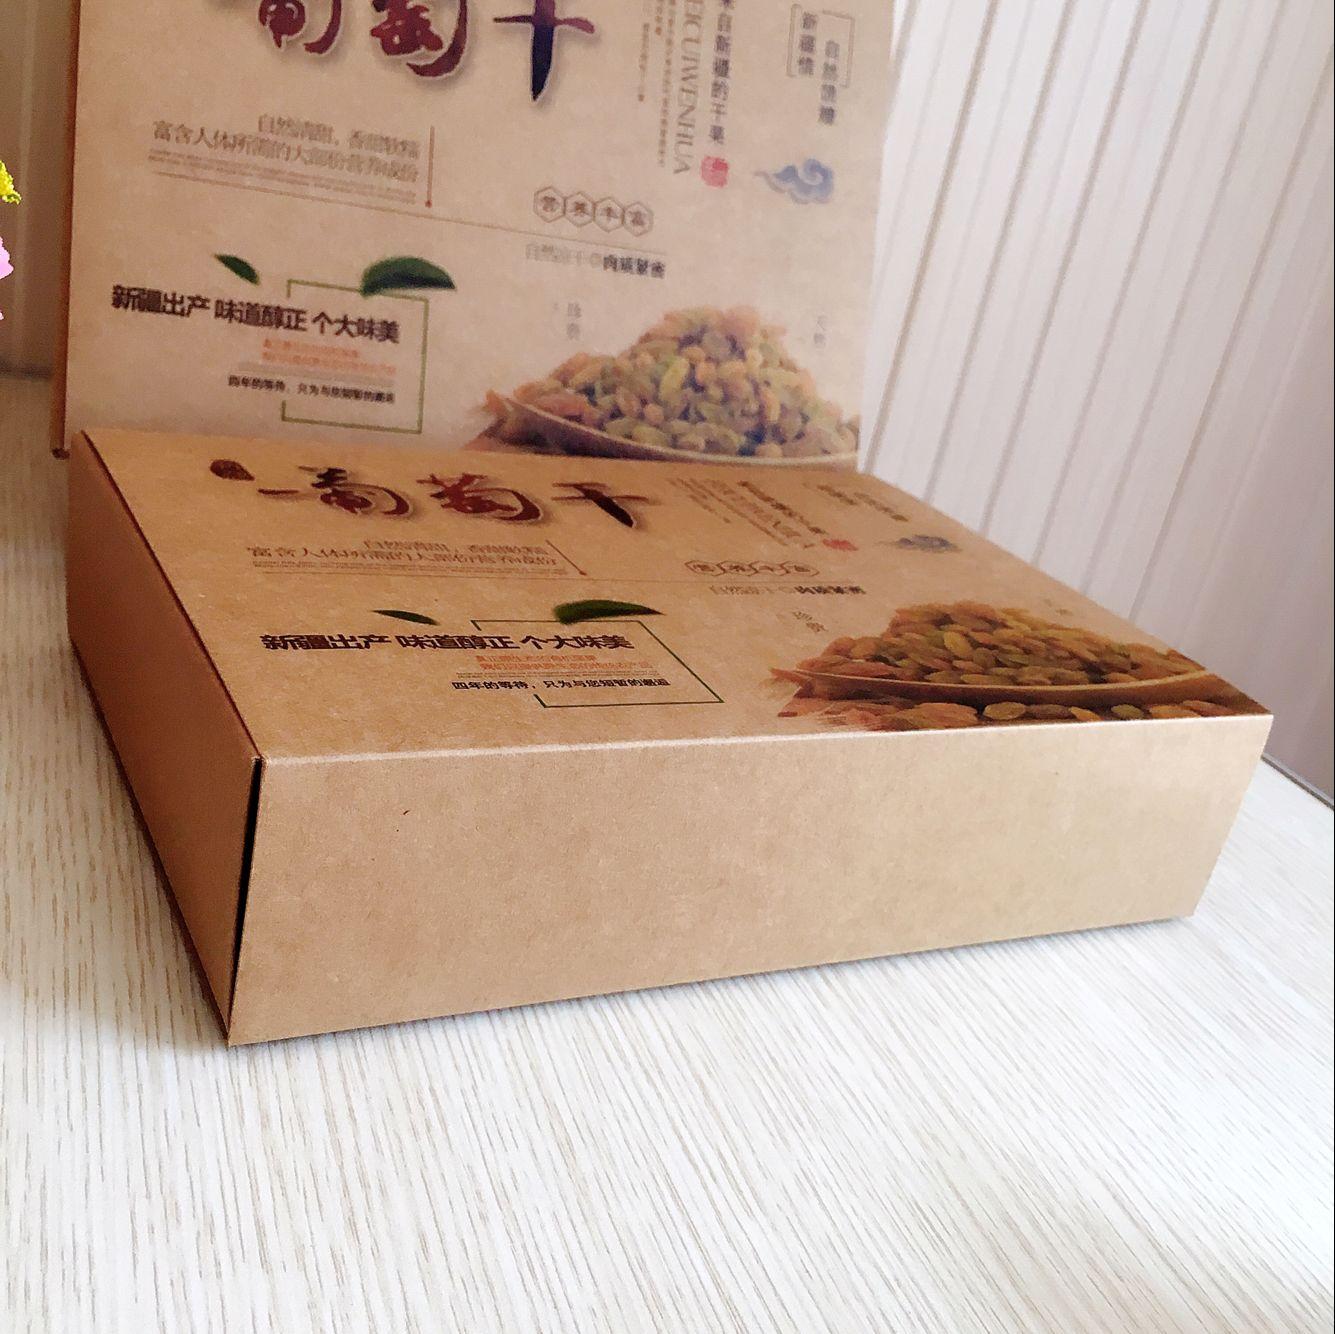 Da bò hộp hộp trái cây khô đặc sản Tân Cương, Nho hộp thực phẩm mới ngăn được chọn hình chữ nhật